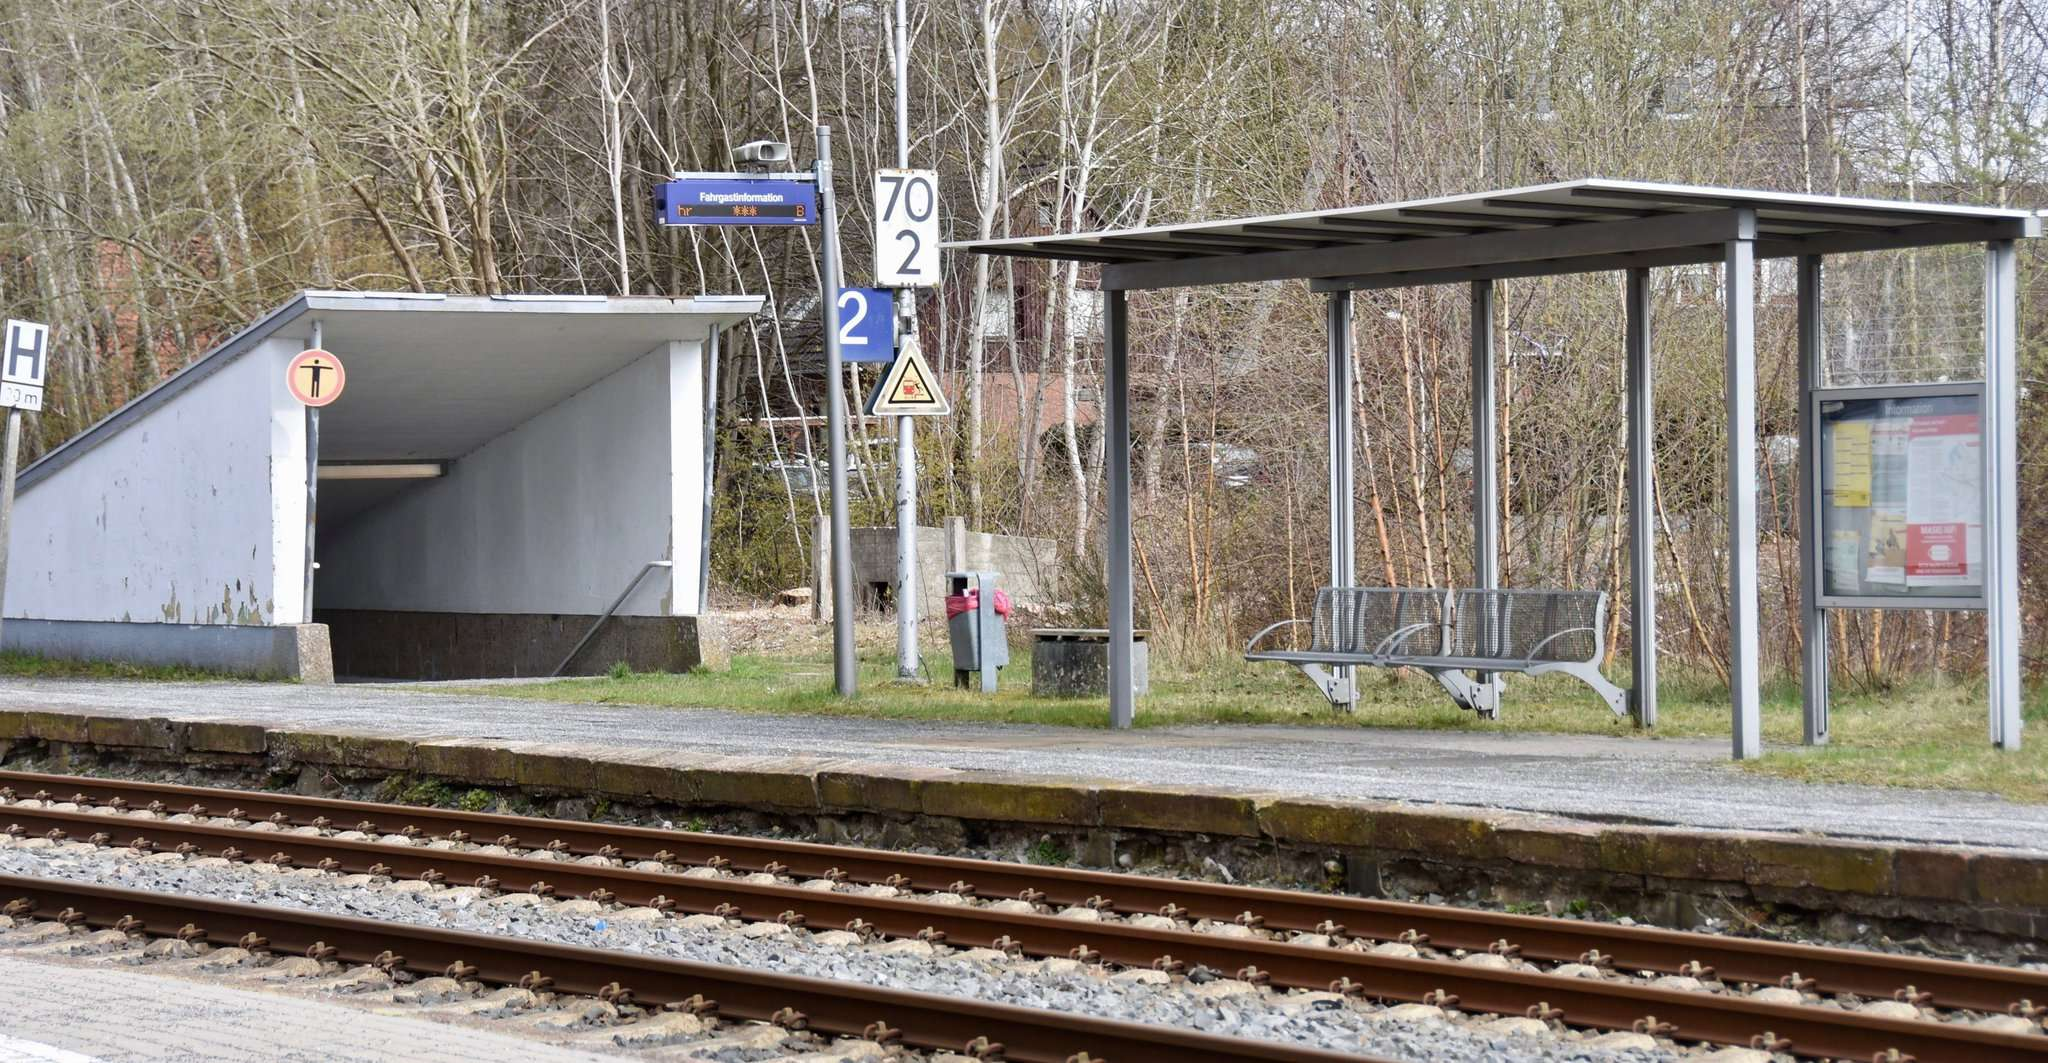 Der Weg zwischen den Bahnsteigen wird ohne Unterführung in Zukunft länger werden. Foto: Judith Tausendfreund